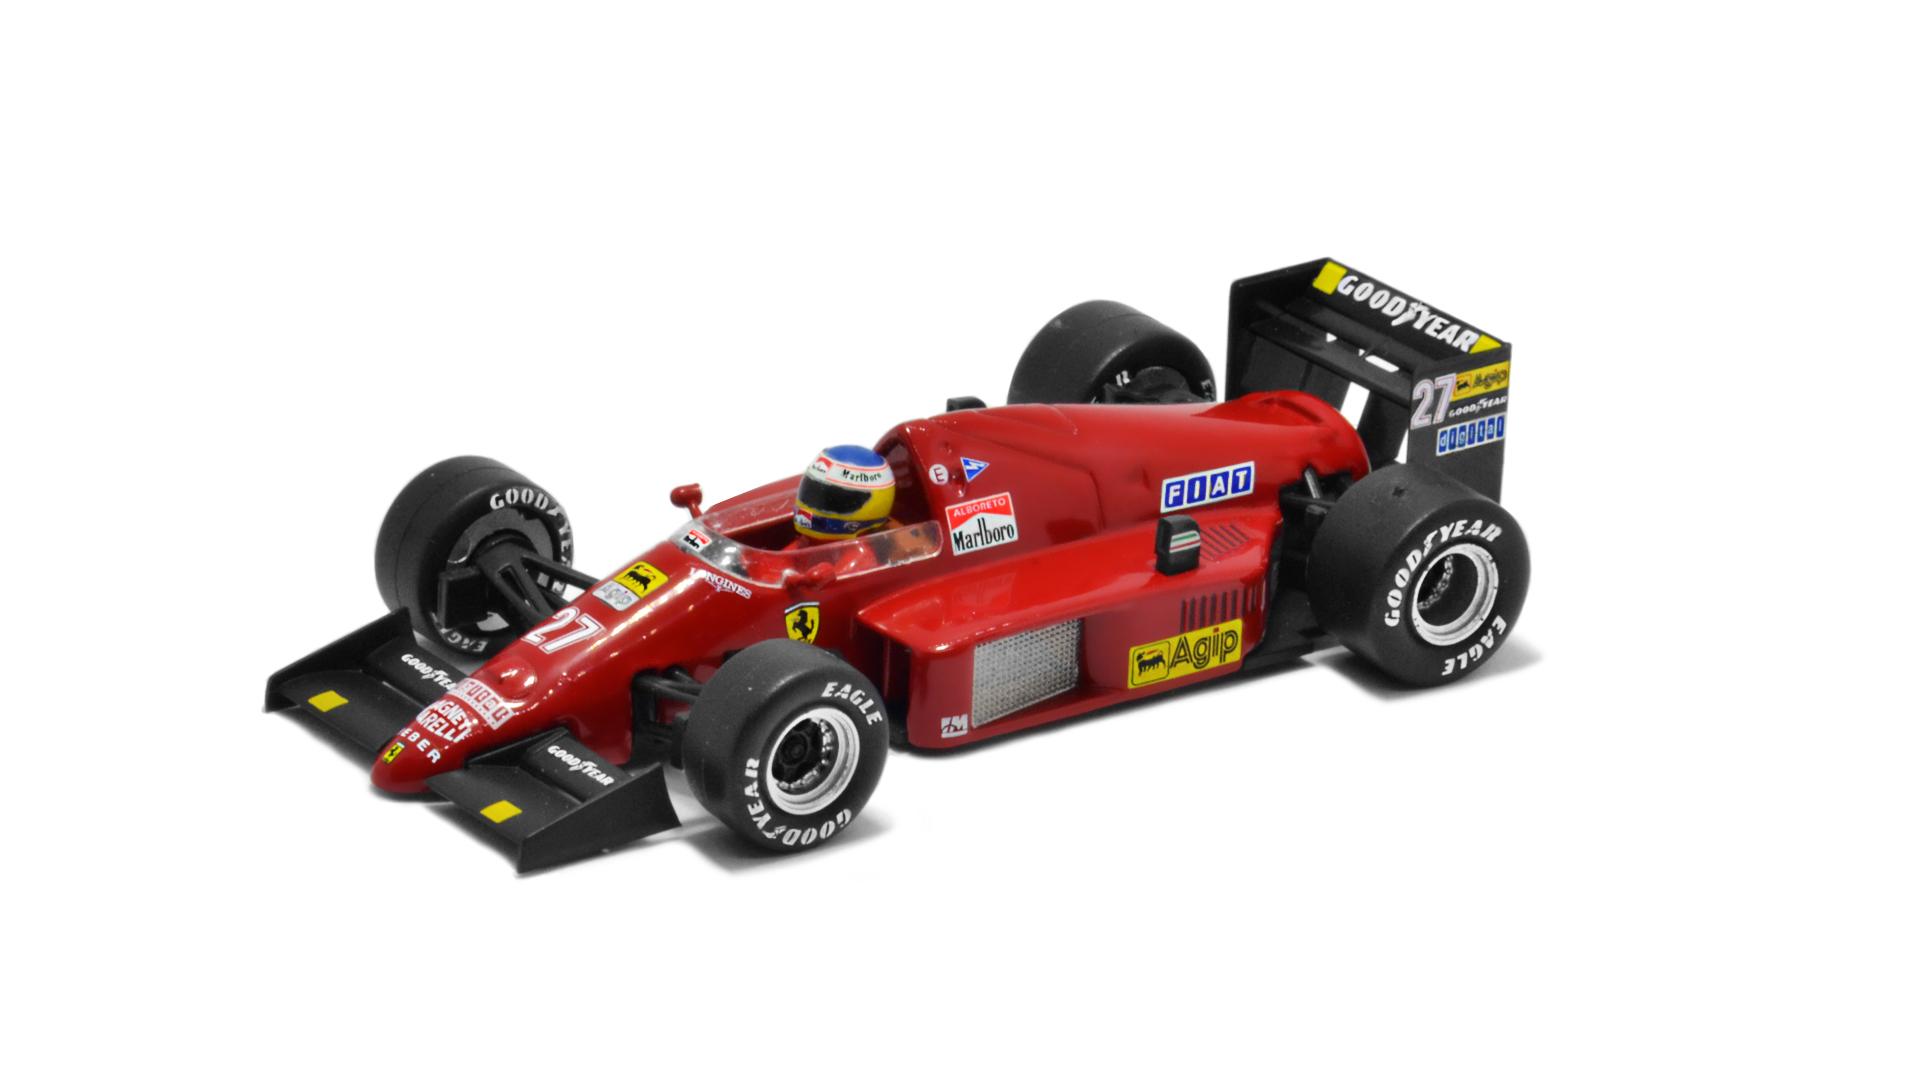 Év: 1986<br />Modell: F1/86<br />Gyártó: Altaya (átalakított)<br />Pilóta: Michele Alboreto